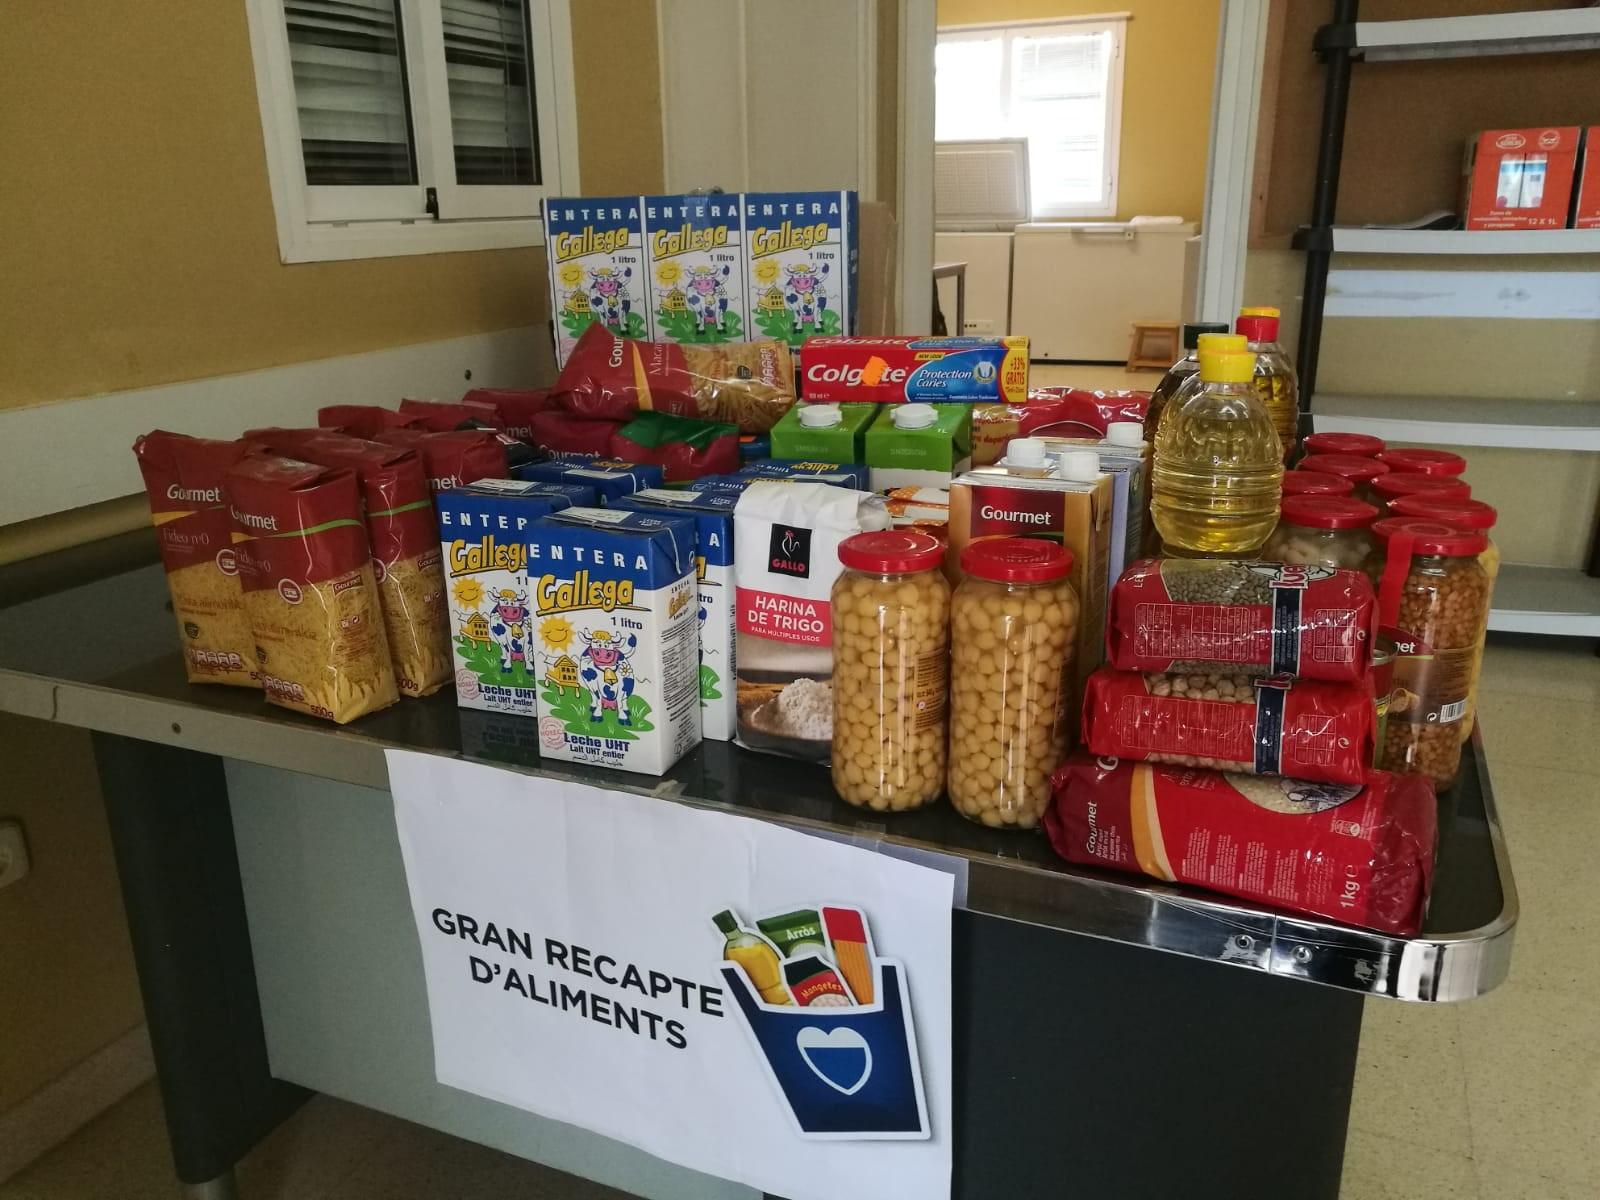 La Bisbal és solidària! Gràcies a tots els que vau donar aliments per als qui més els necessiten durant el Gran Recapte